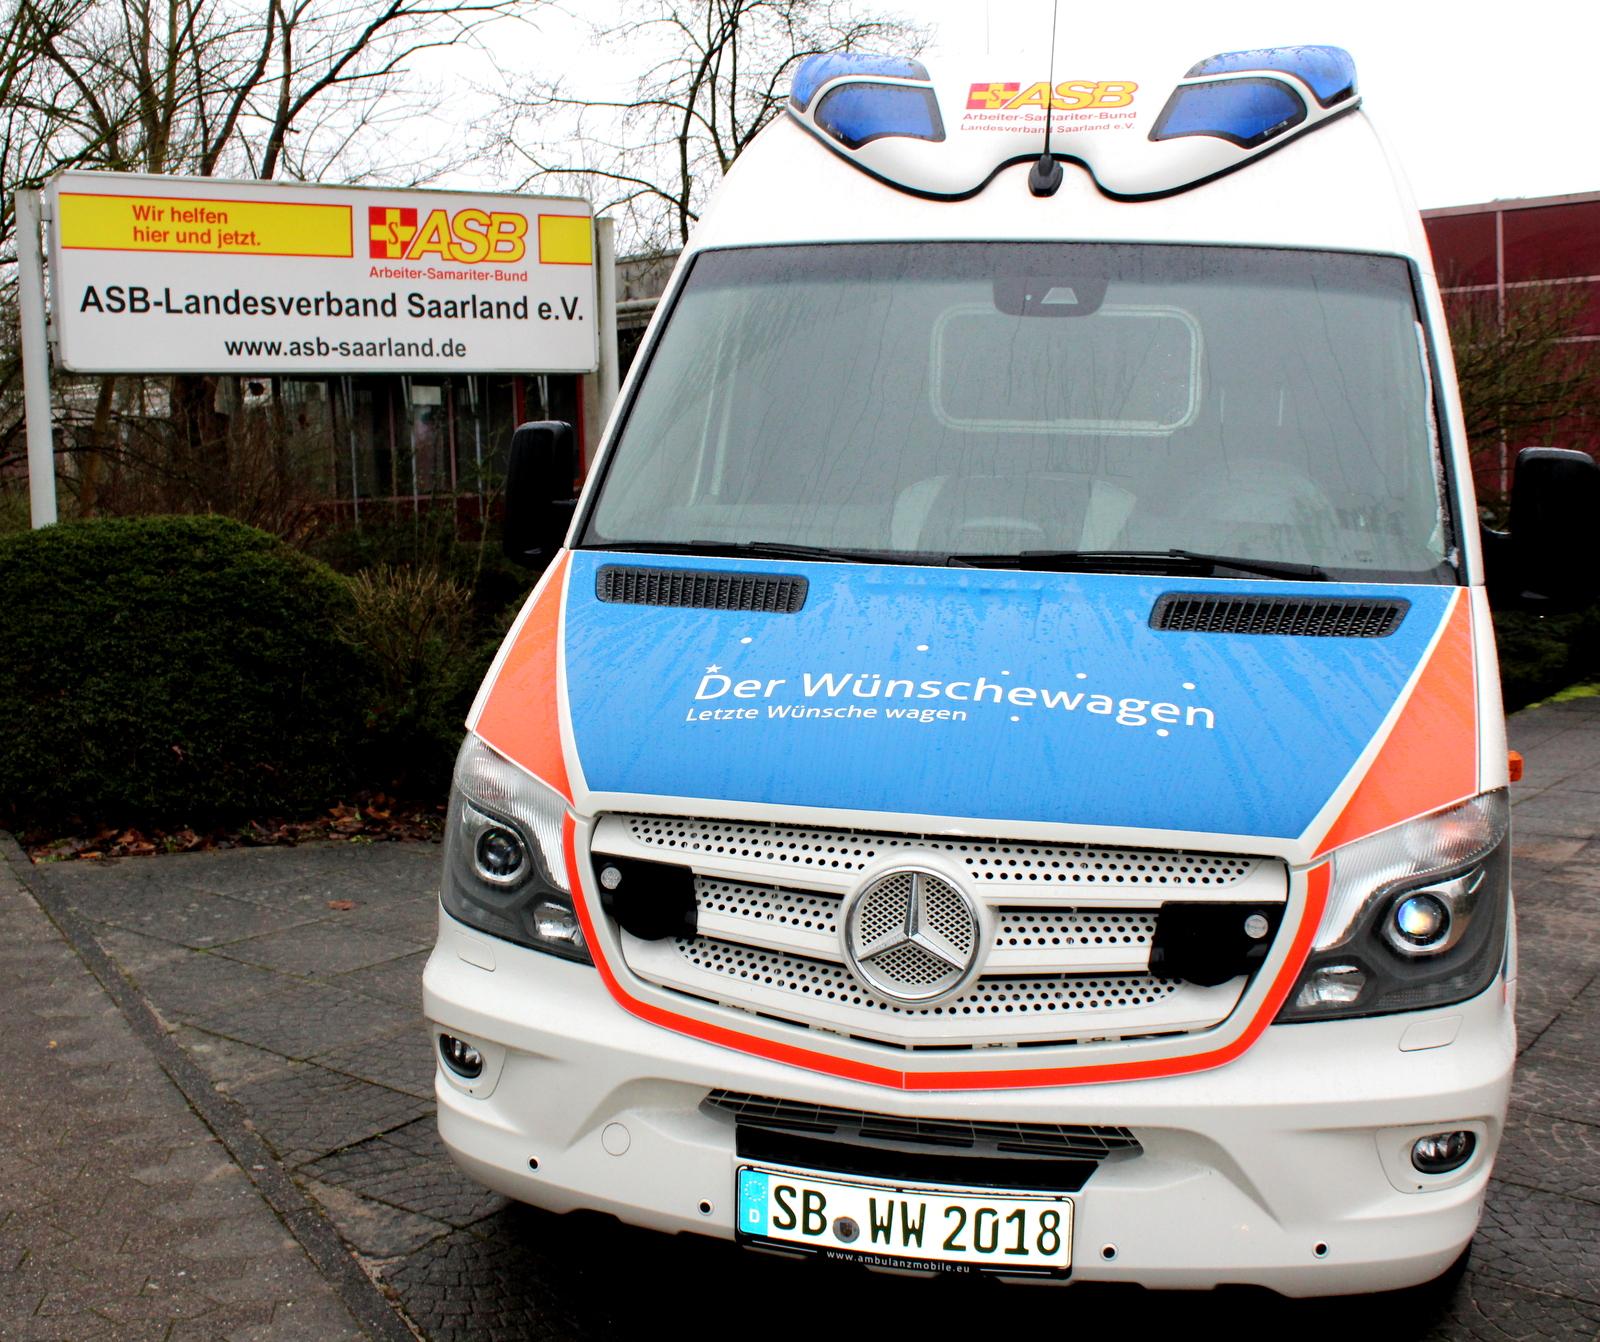 Arbeiter Samariter Bund Asb Im Saarland